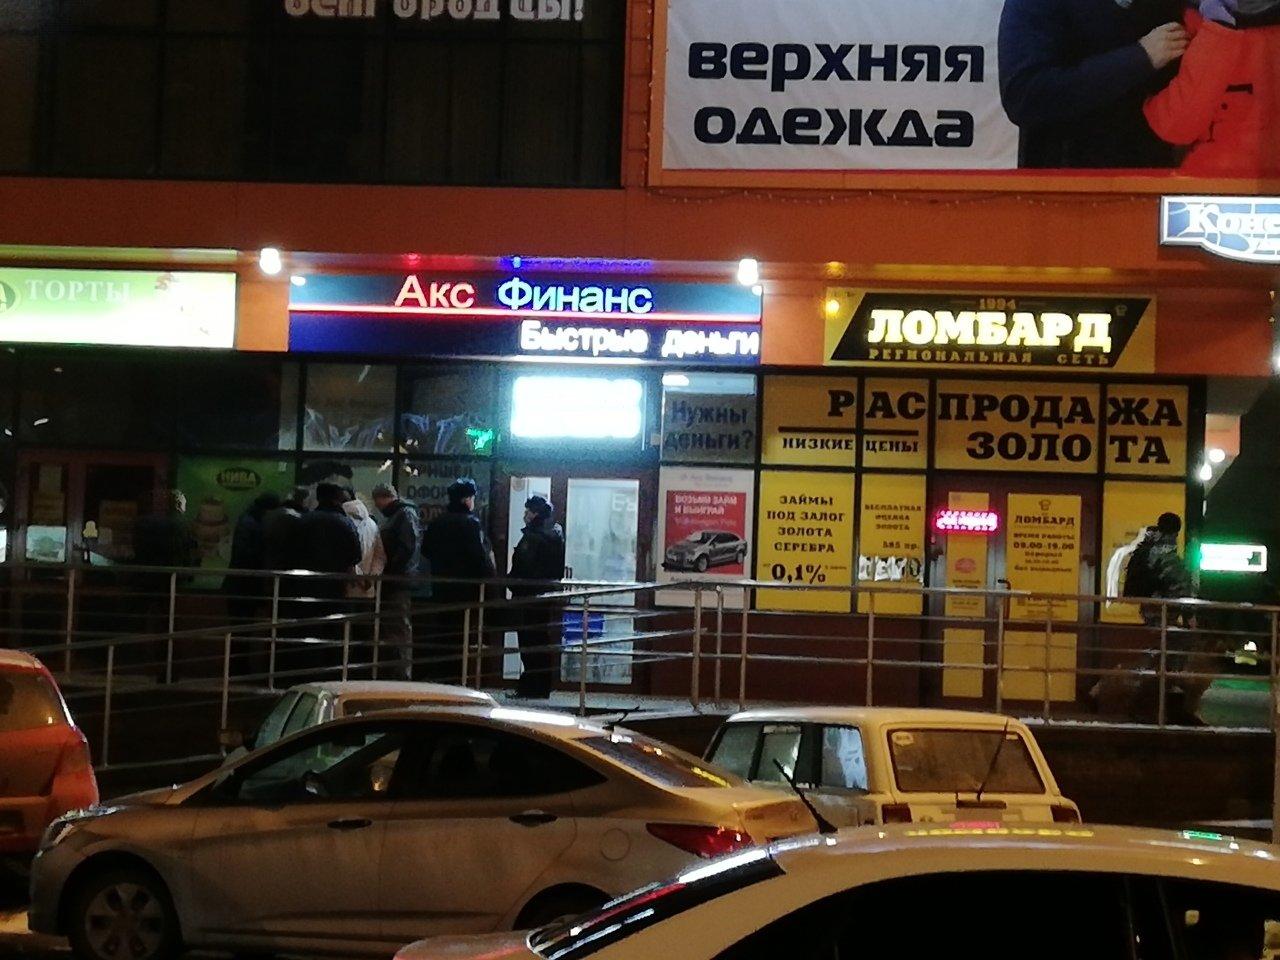 «Главное, чтоб не пристрелили». Владельцы салонов микрозаймов «Акс Финанс» в Белгороде экономят на безопасности работниц, фото-1